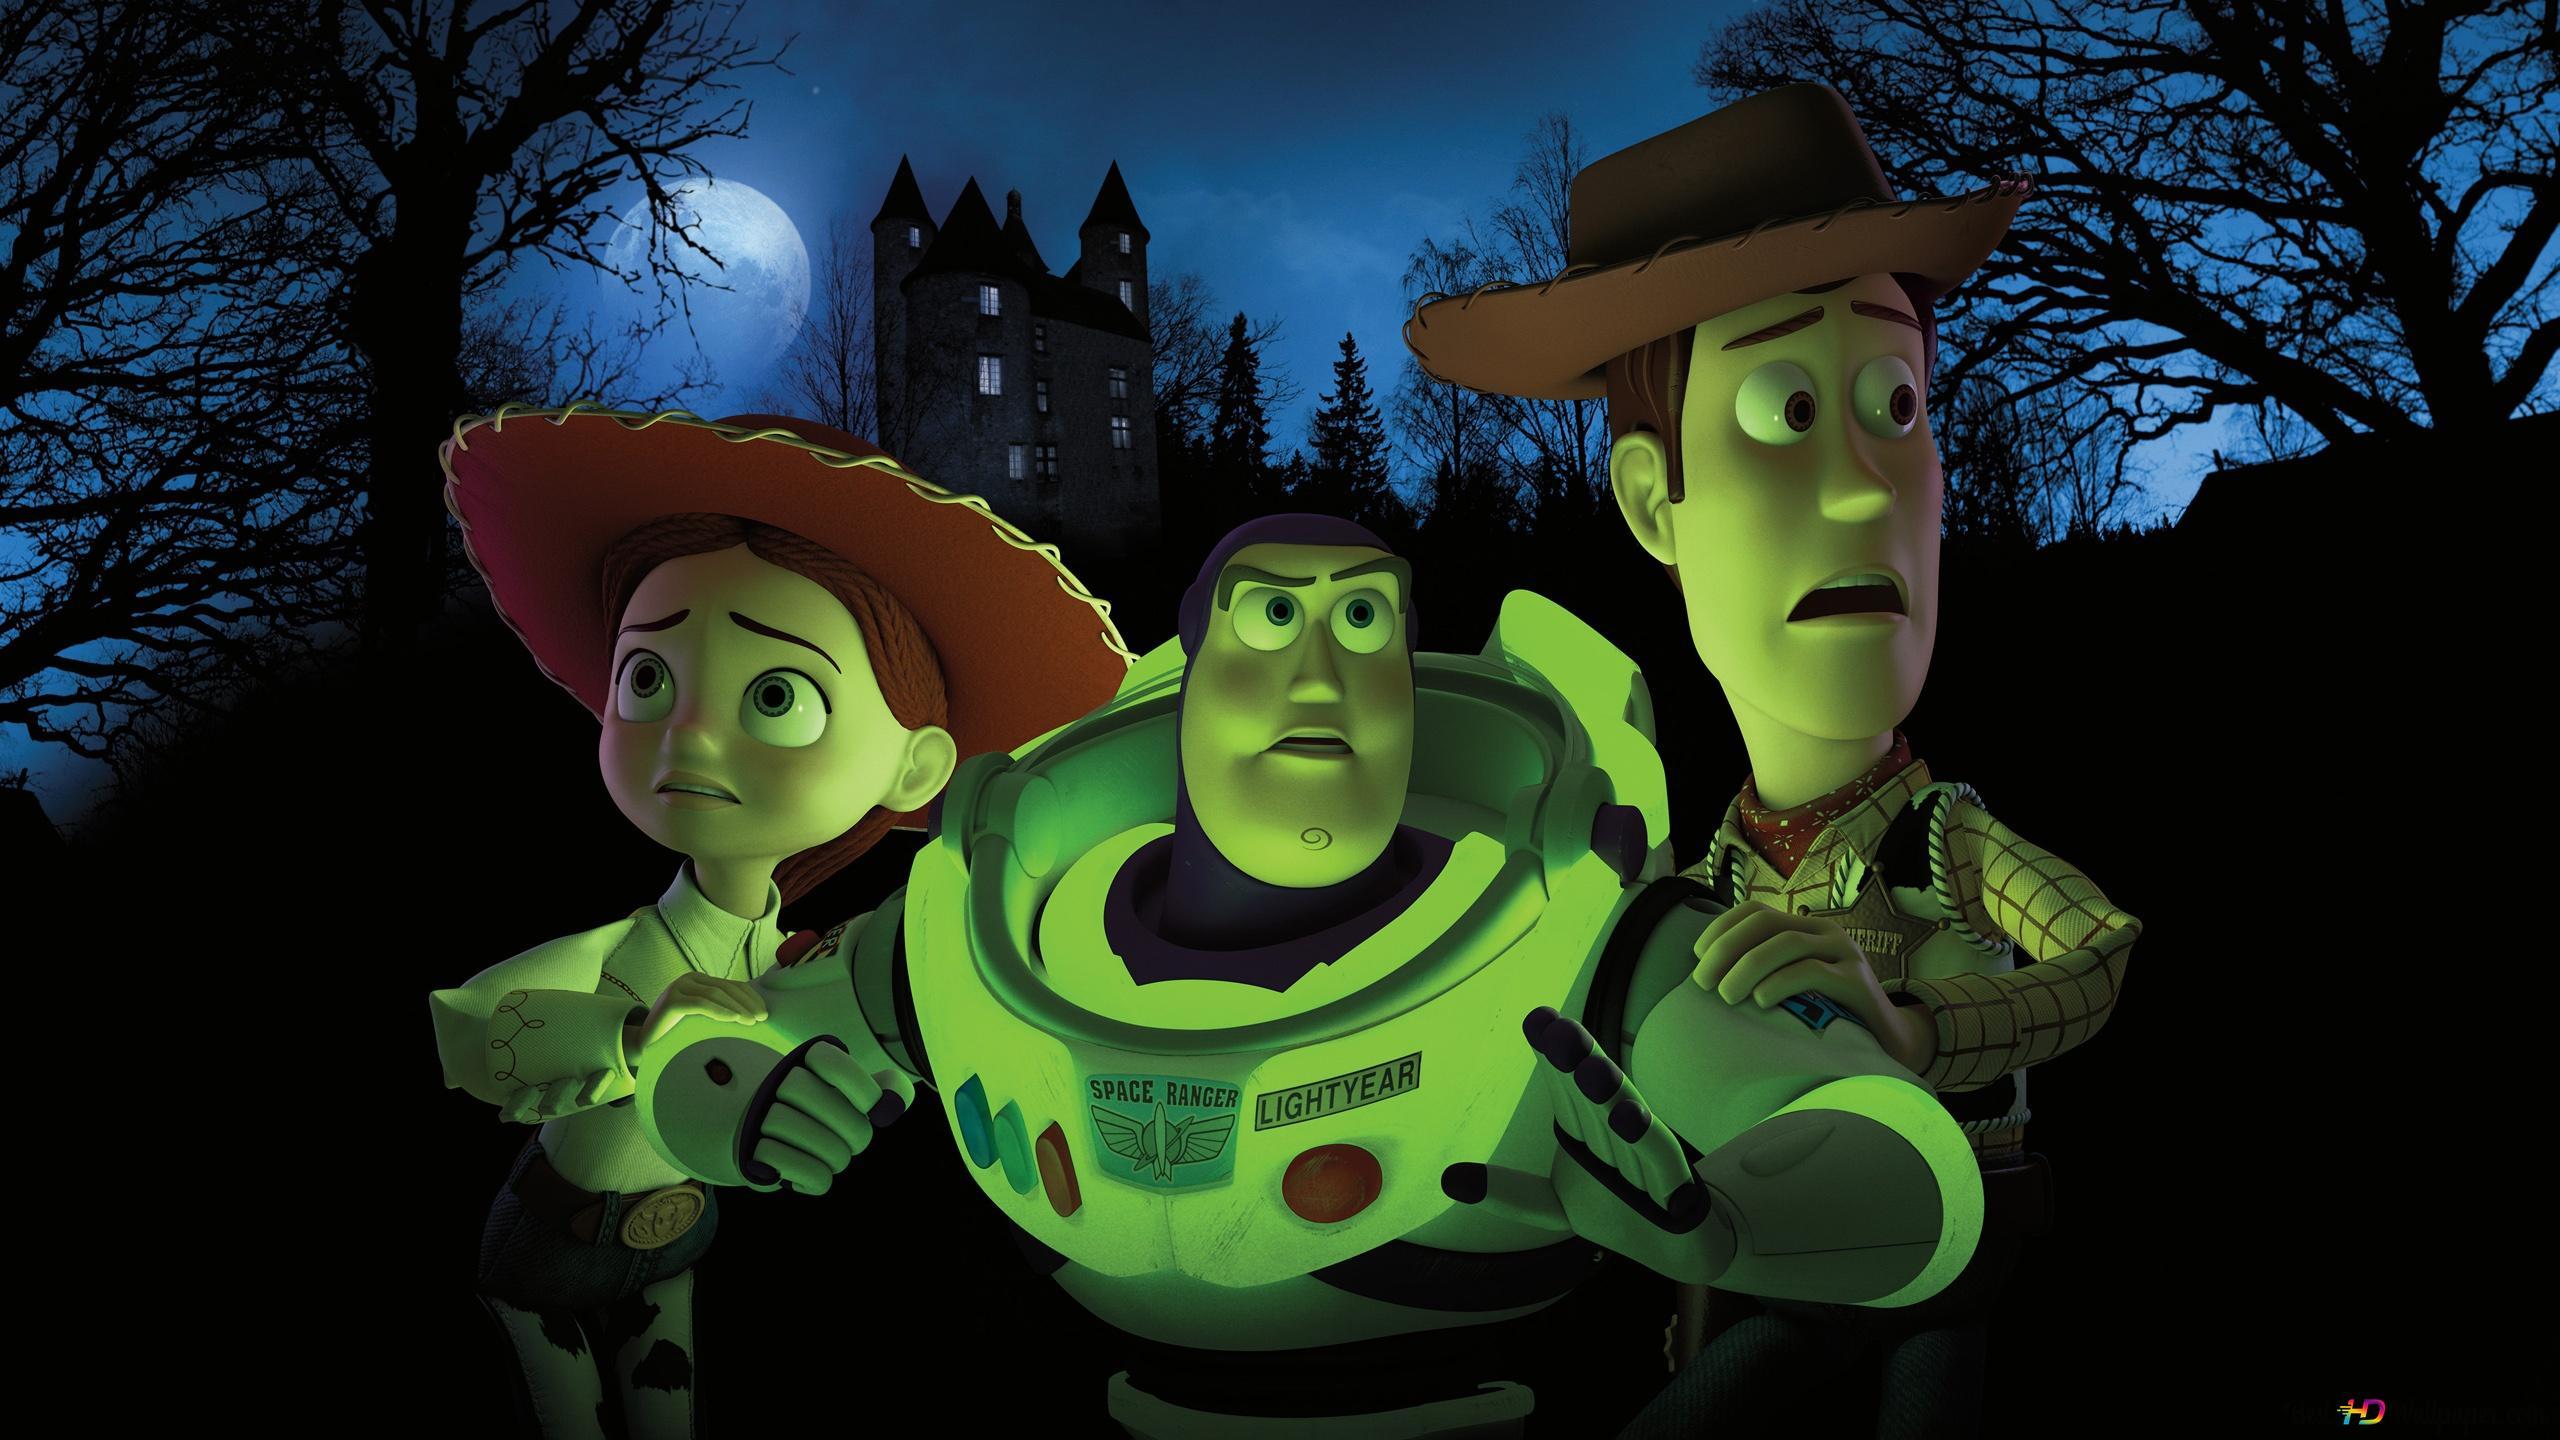 Toy Story Andy Buzz Lightyear Und Jessie Hd